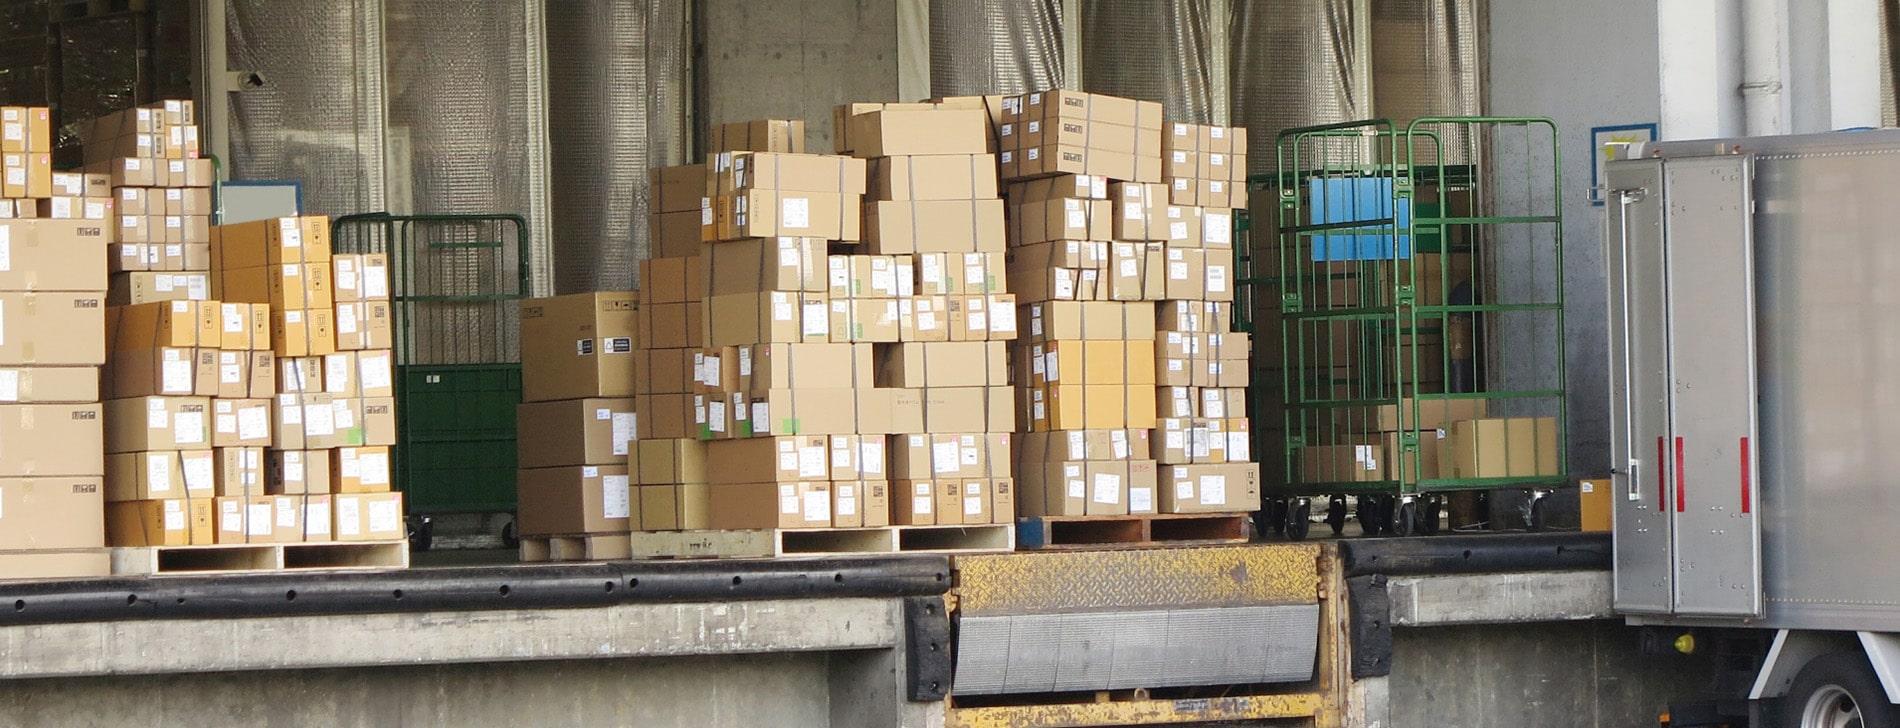 【2021避免貨物損壞】的五大包裝技巧-監控物流-緩衝包裝-損壞的包裹